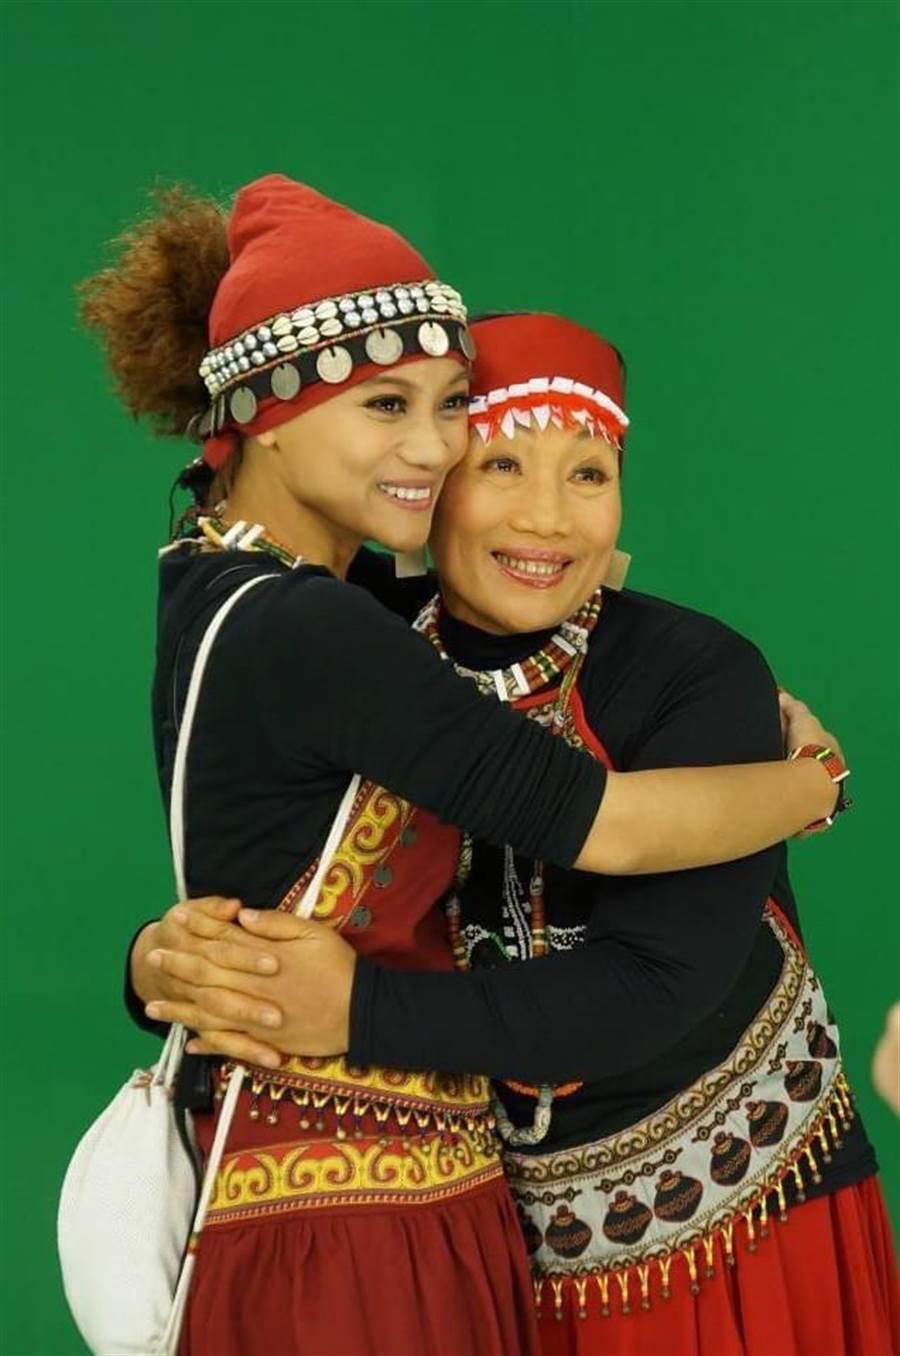 阿爆(阿仍仍)與媽媽一同入圍金曲獎最佳作詞人。那屋瓦文化提供